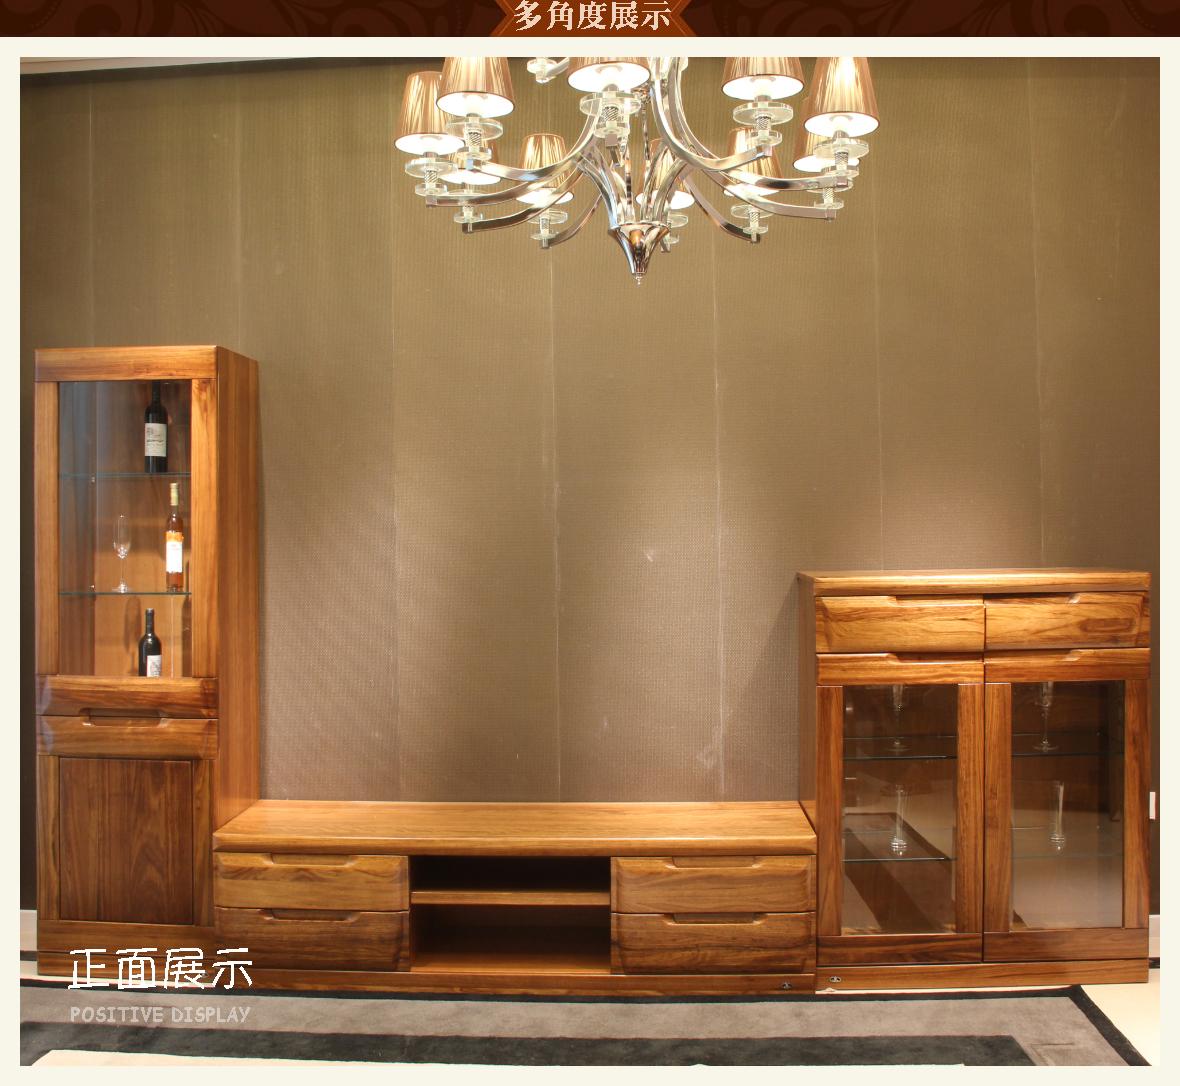 赖氏家具 乌金木组合厅柜(整套)wjk03型号 进口实木